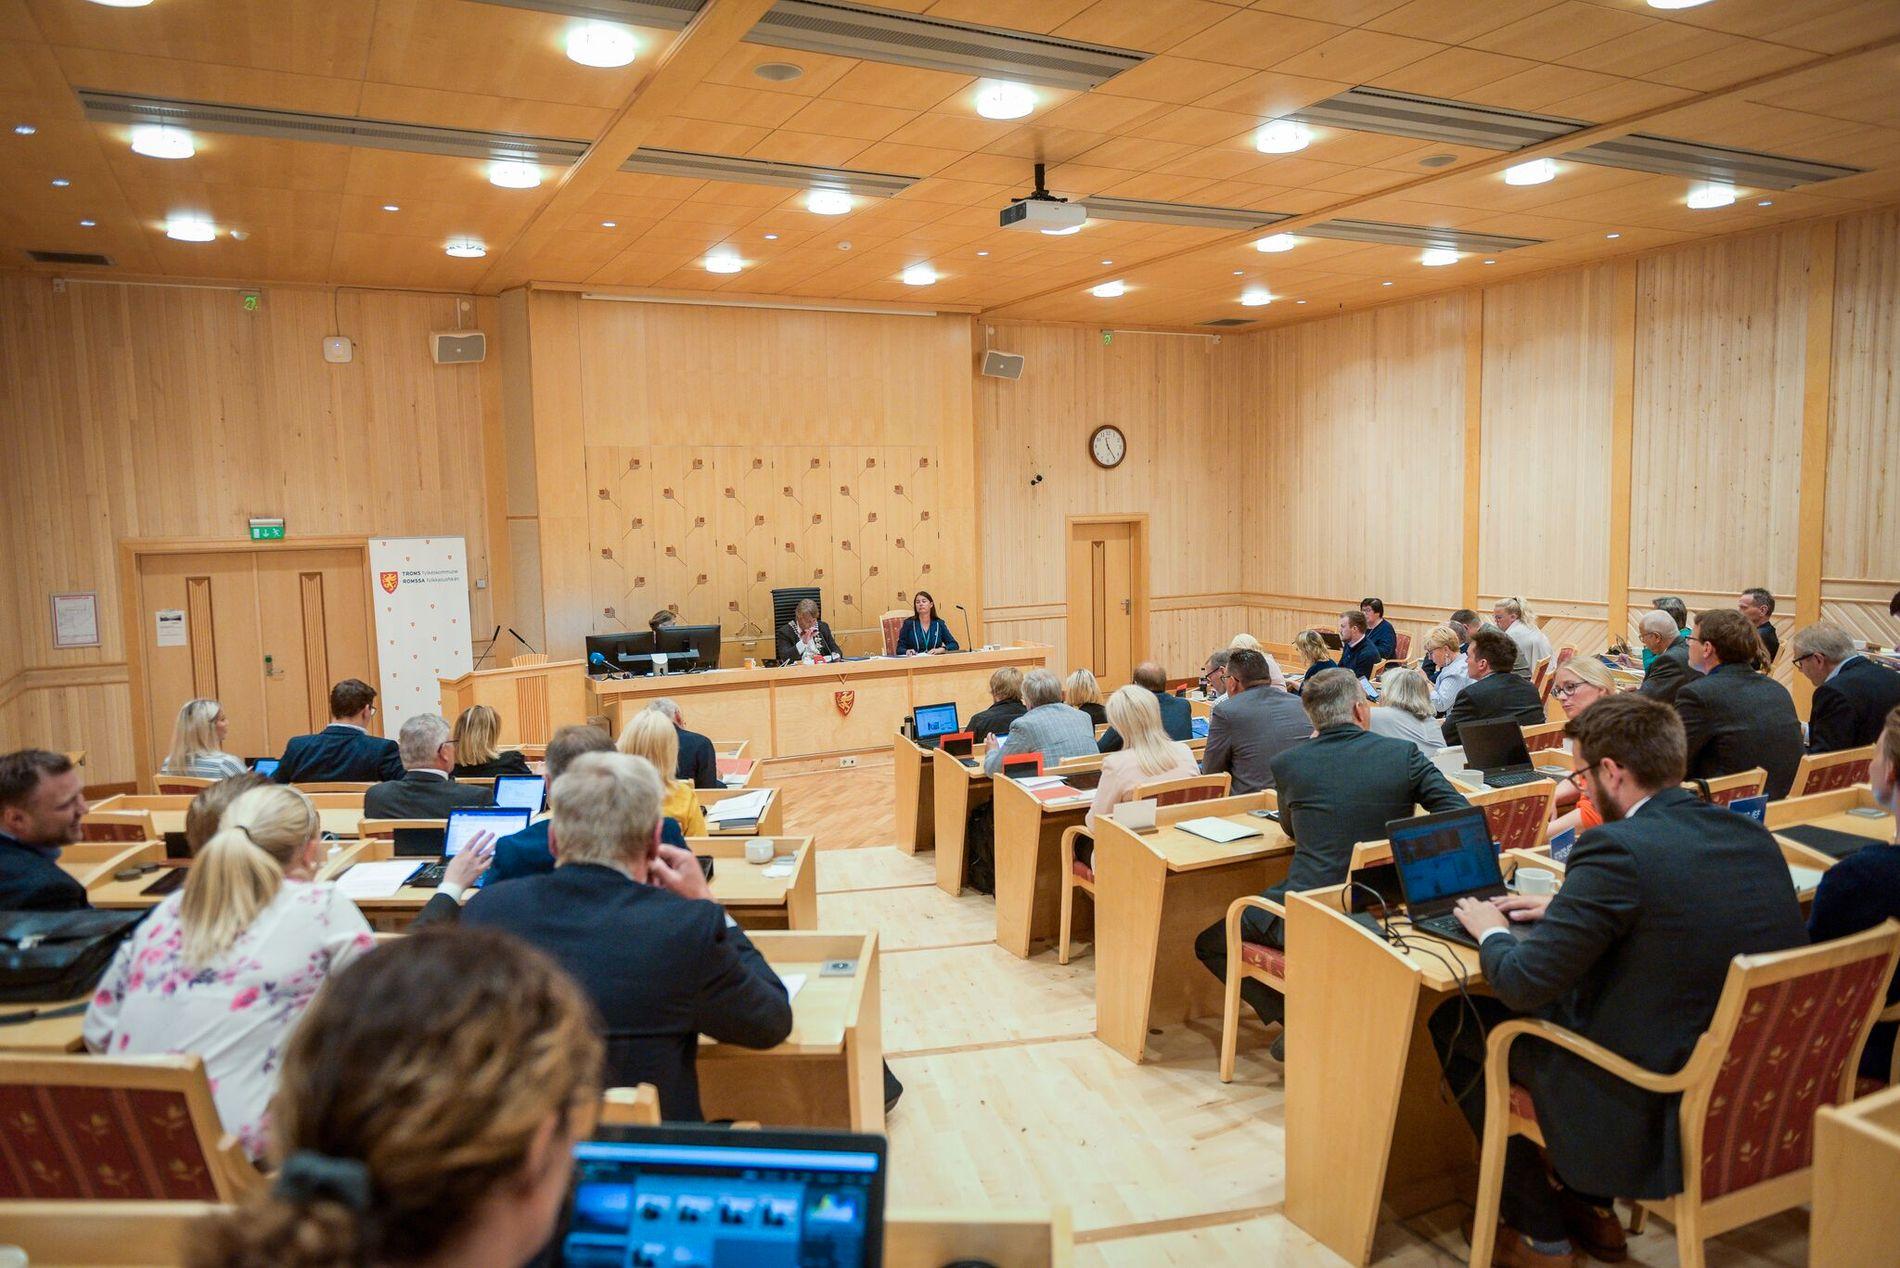 SPLITTET: Det ekstraordinære fylketingmøtet i Troms var delt i spørsmålet om de skal la regjeringen få ansvar for å gjennomføre sammenslåingen med Finnmark.